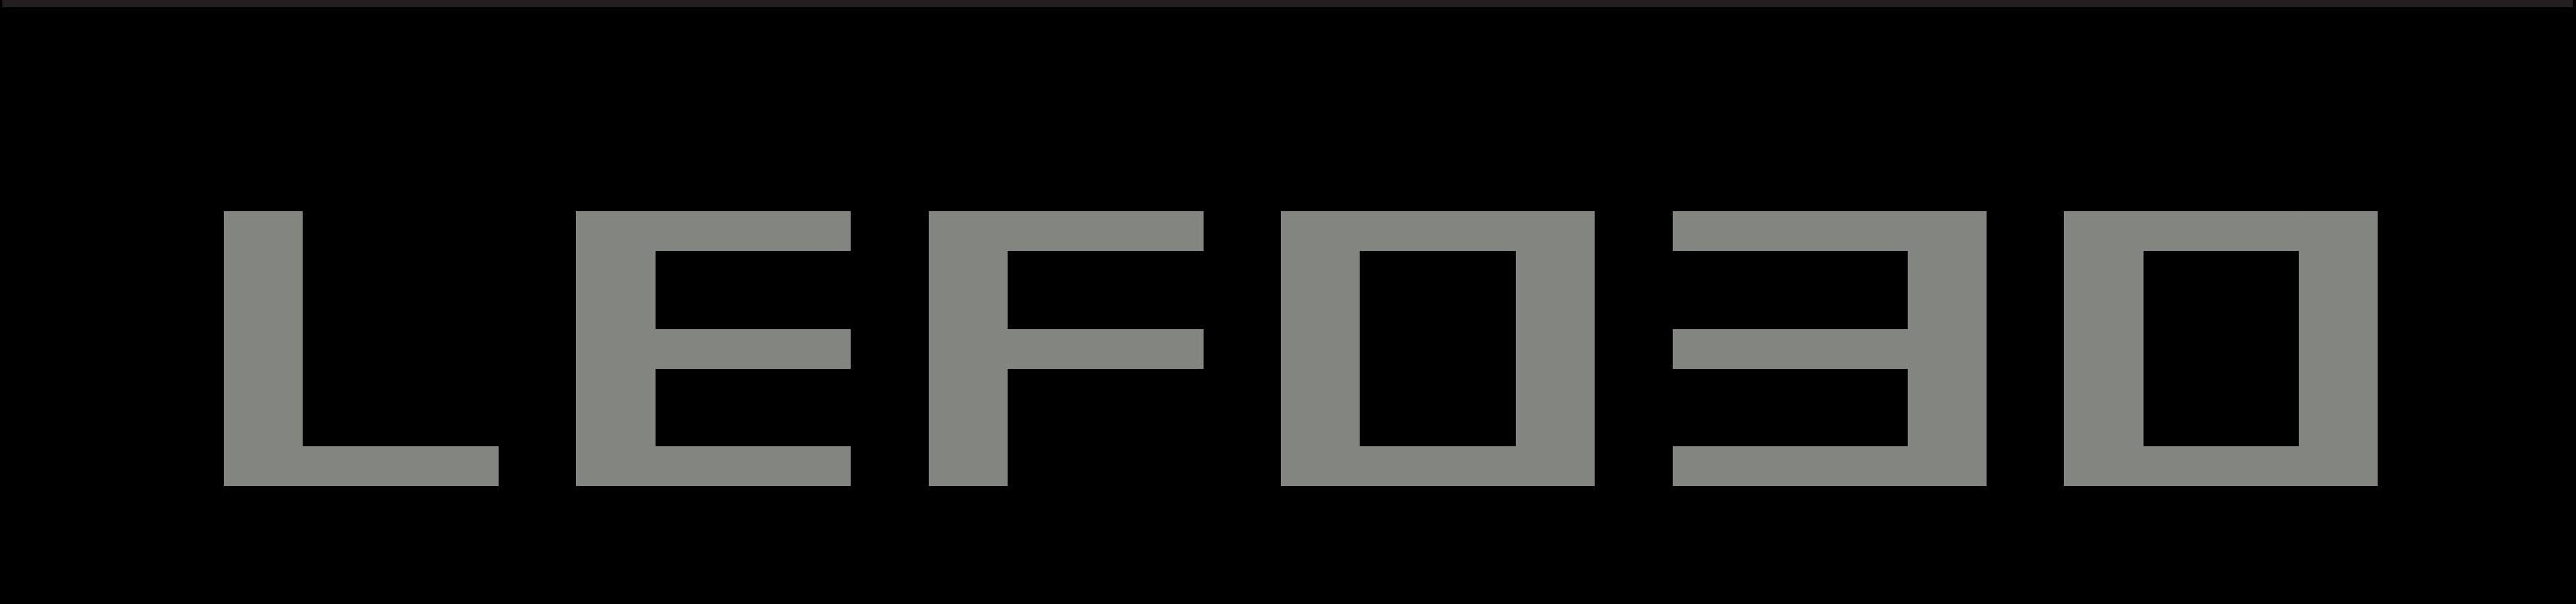 LEF030